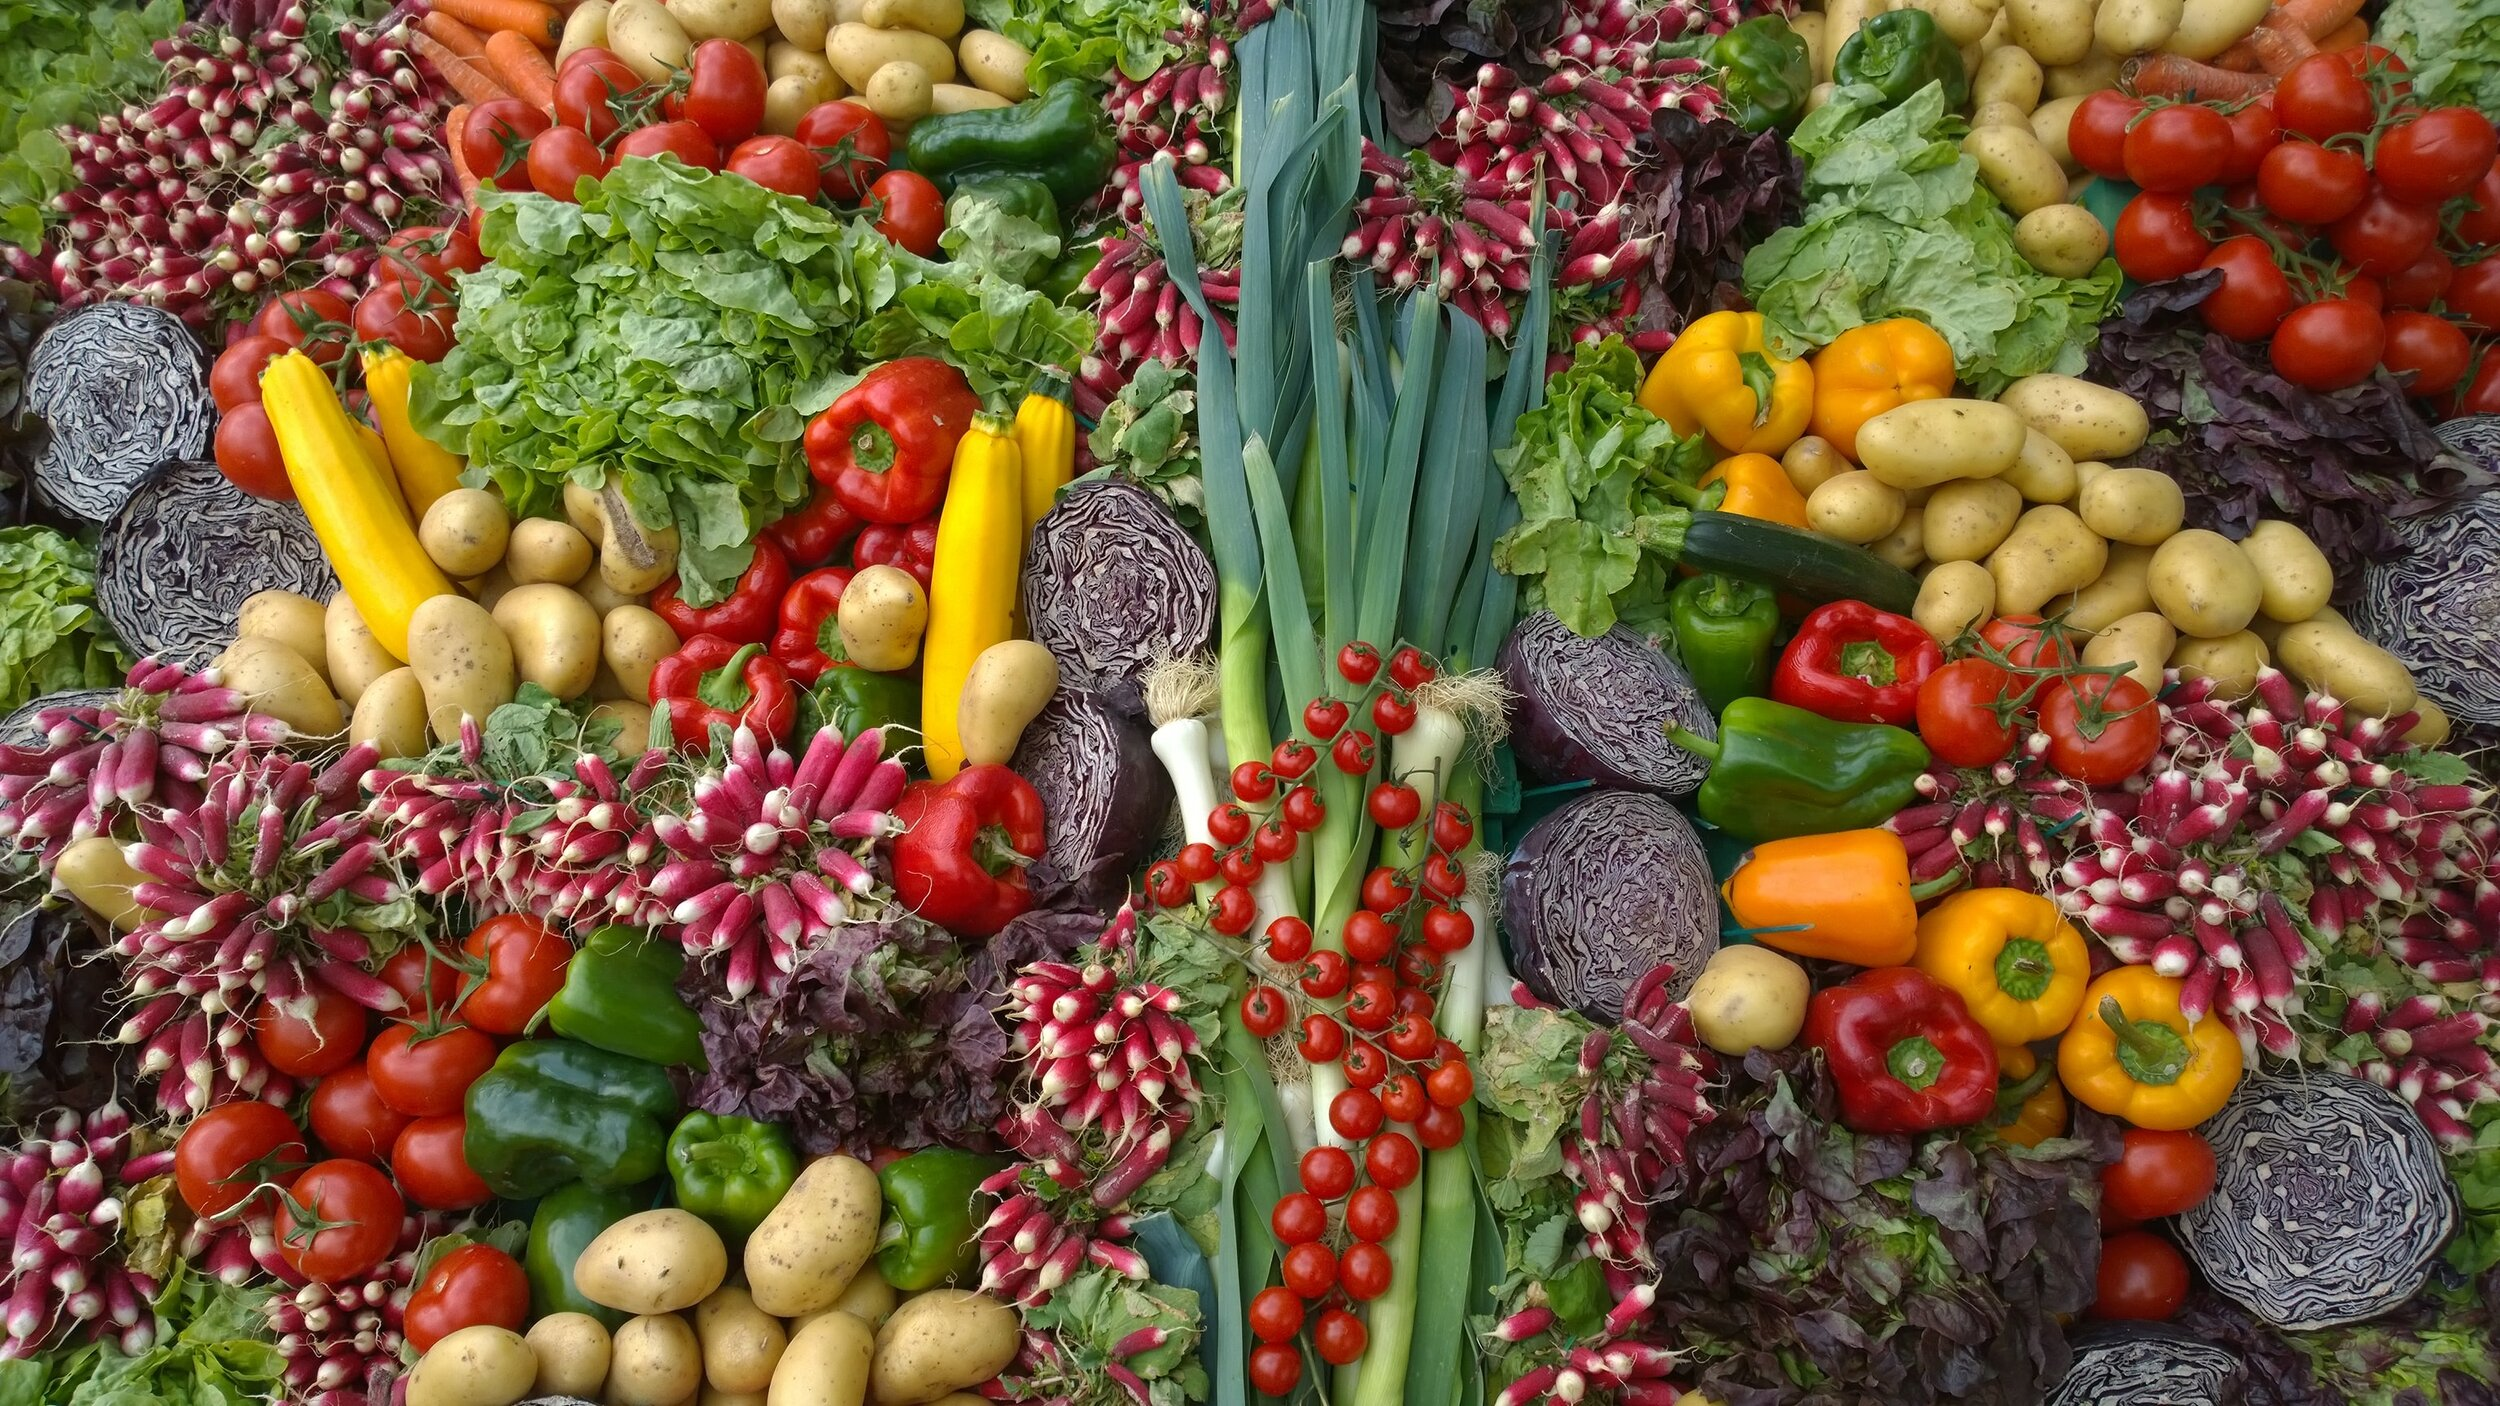 Eden's Farmer's Market